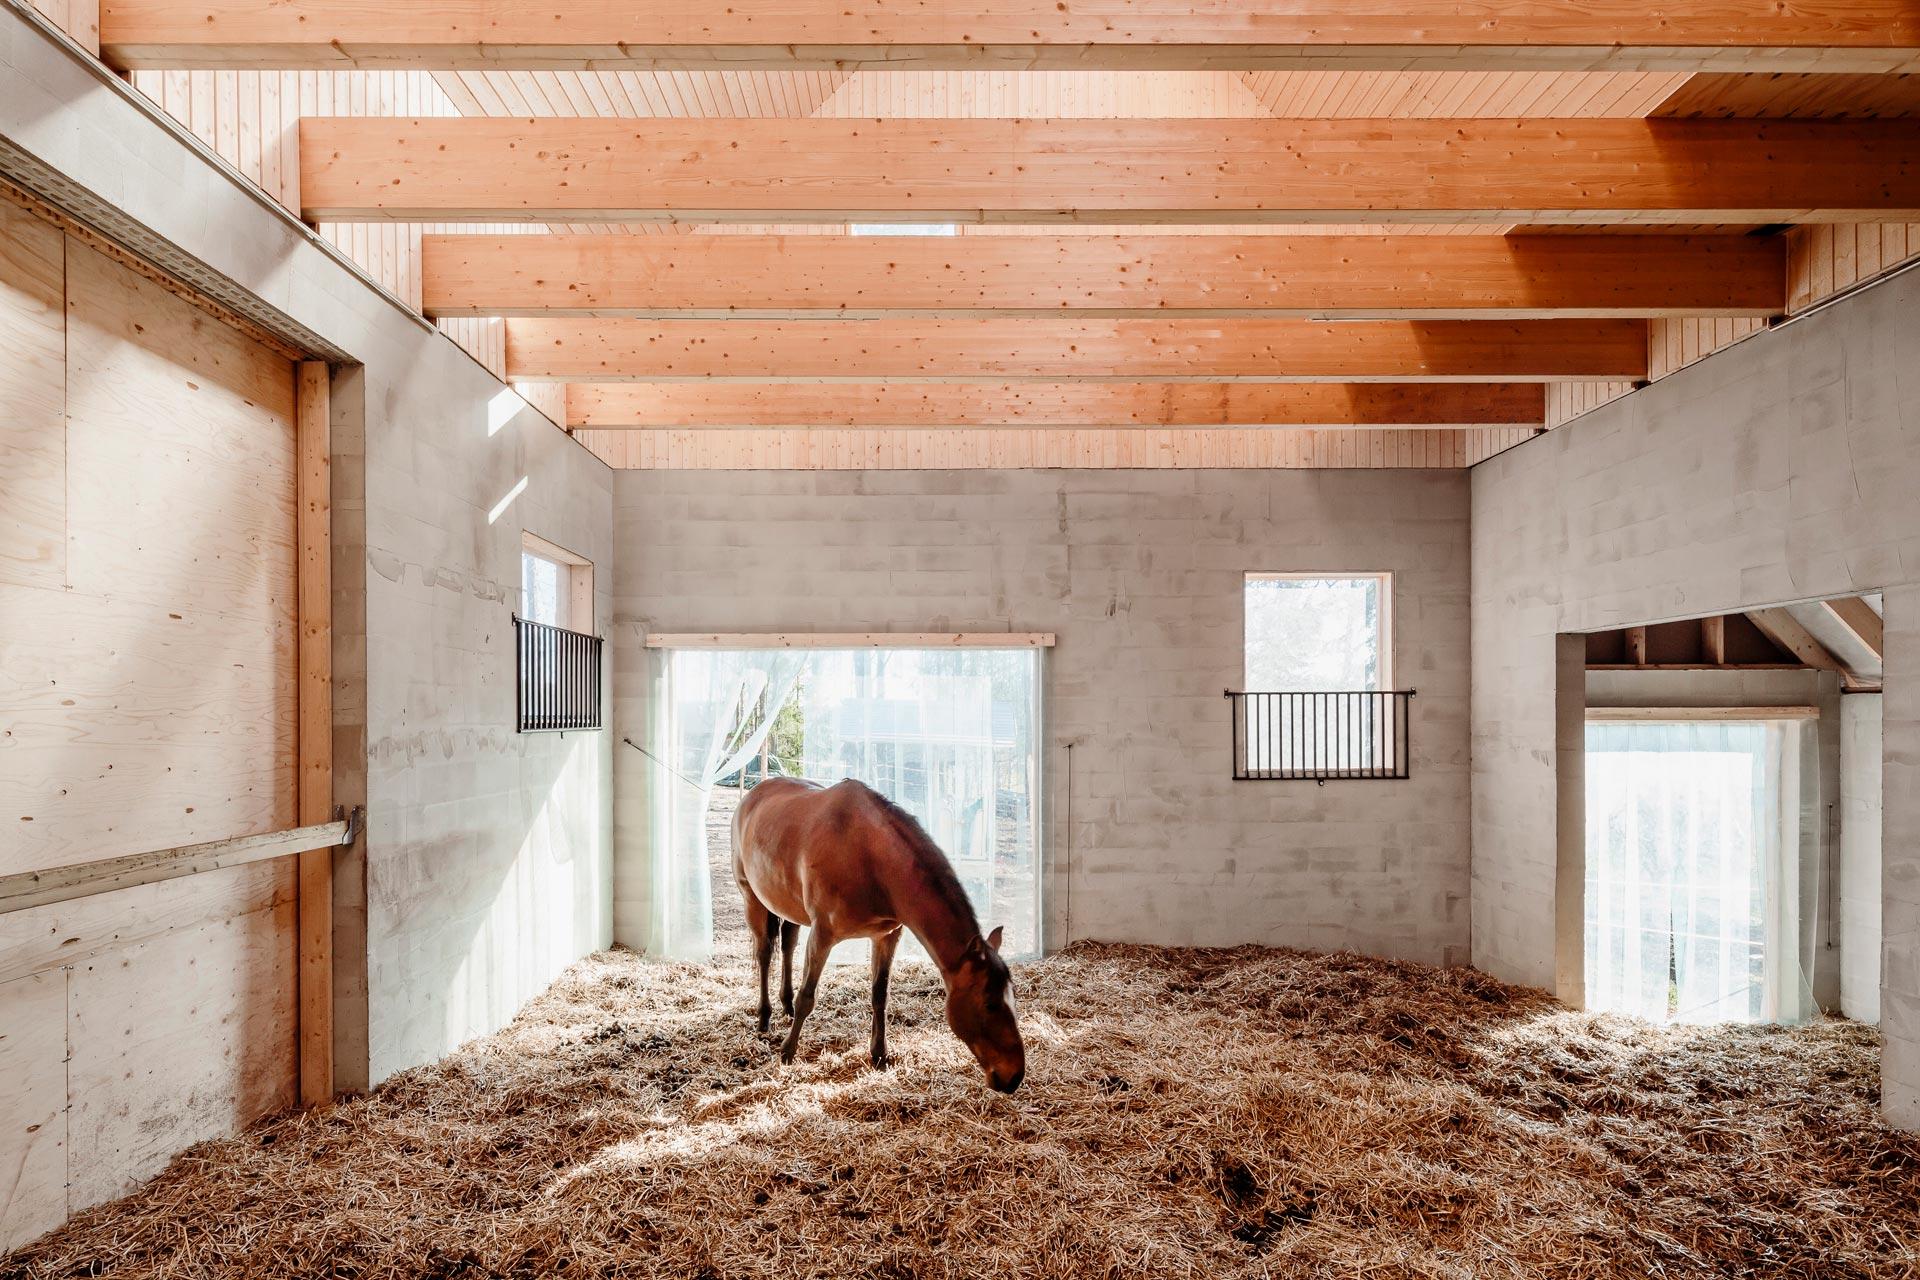 Kuva hevosesta tallin sisäänkäynnillä